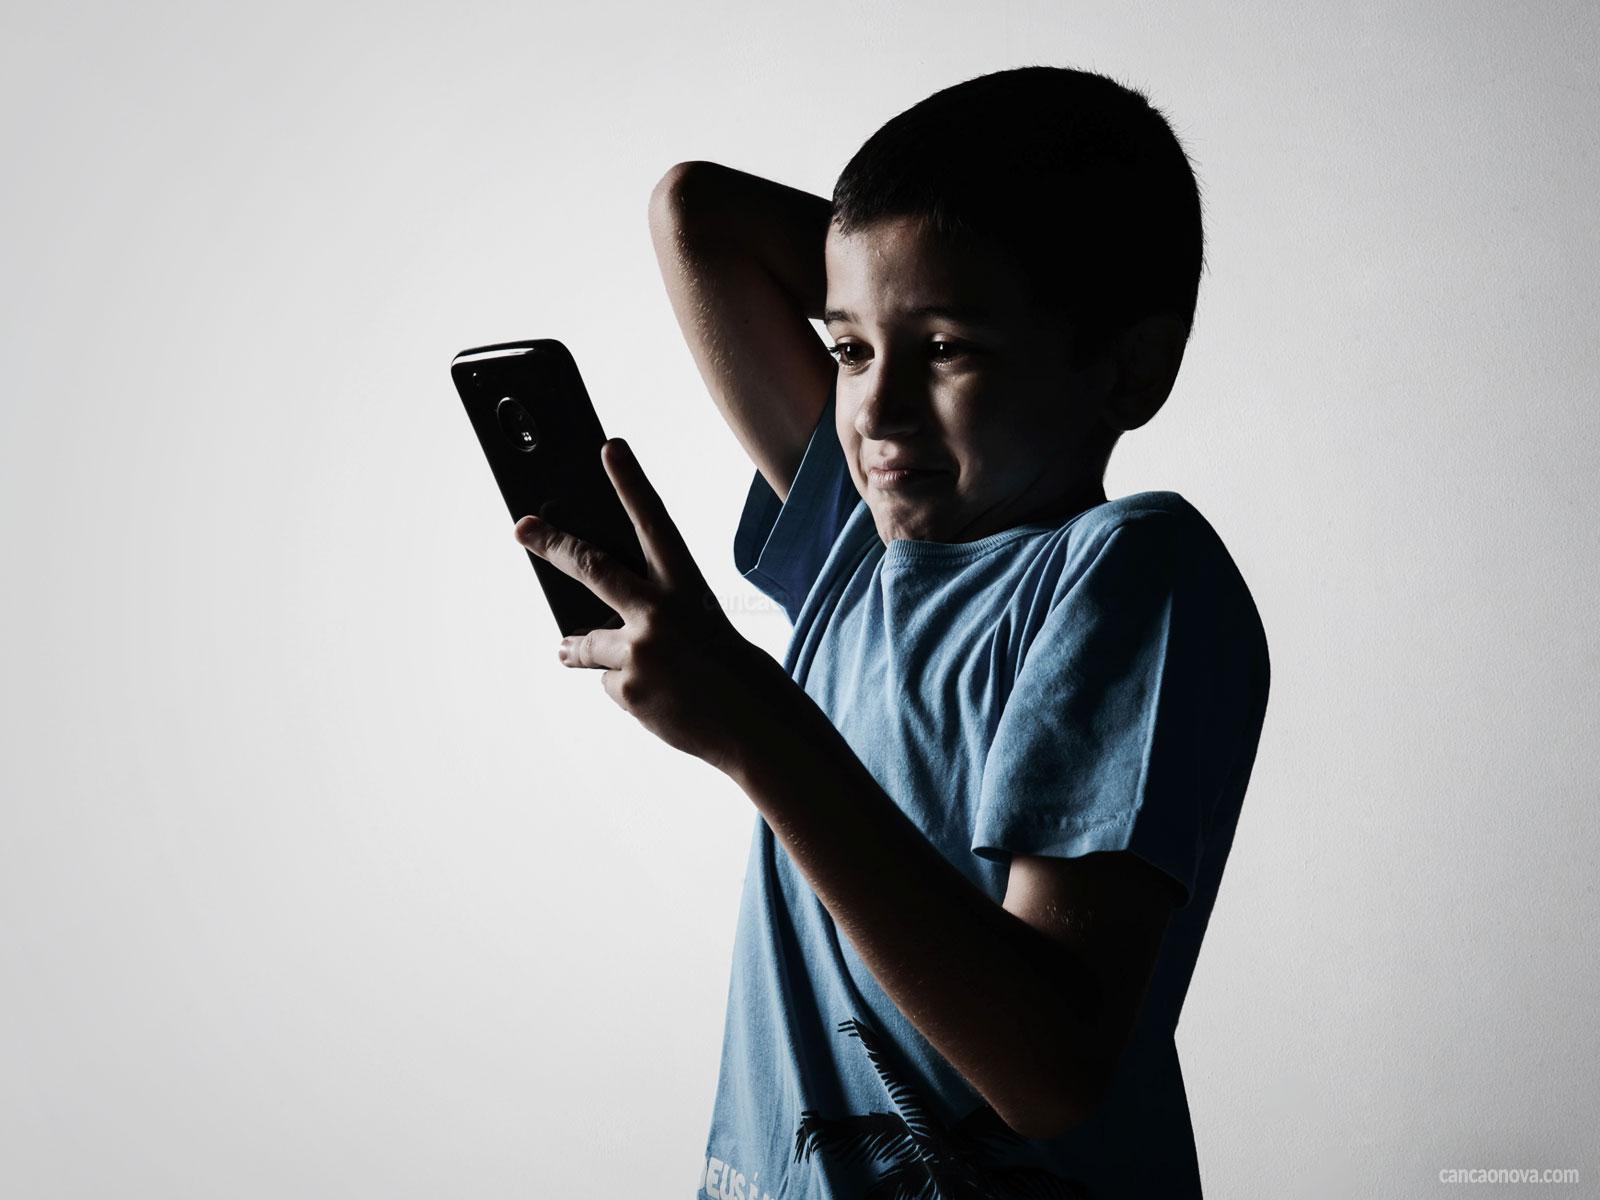 O-uso-da-tecnologia-por-crianças-e-adolescentes-e-seus-riscos